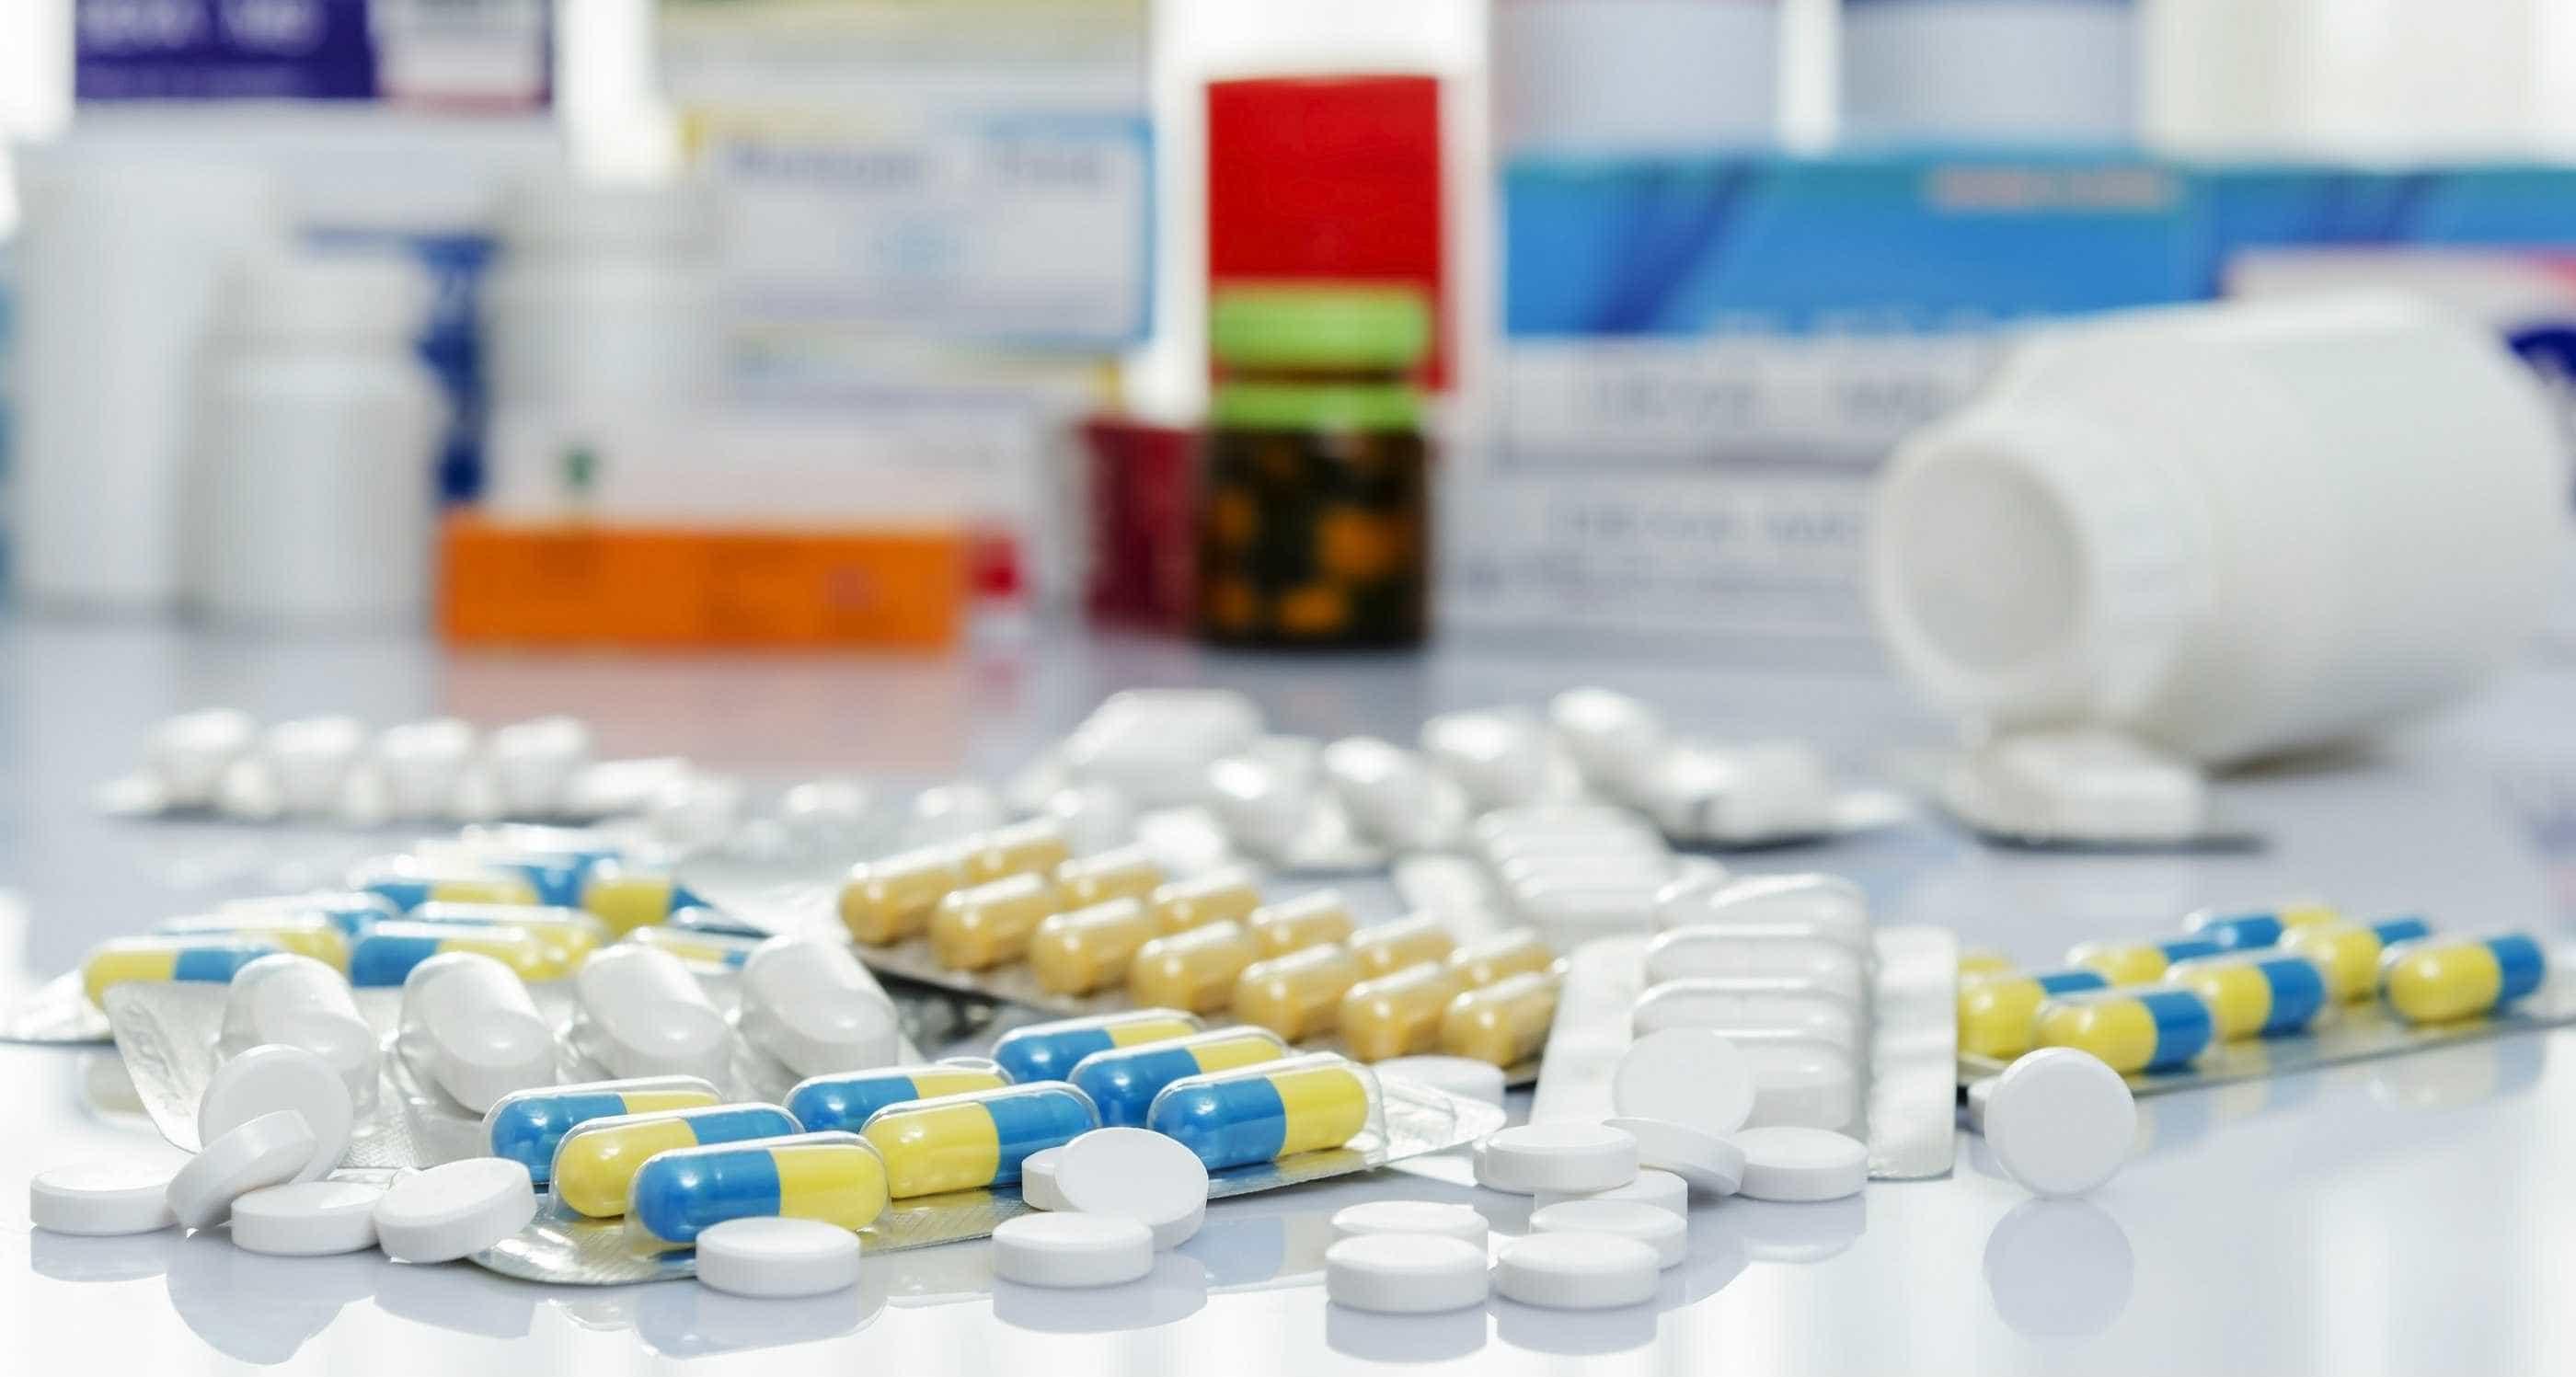 Bandidos invadem centro oncológico e levam R$ 1 milhão em medicamentos